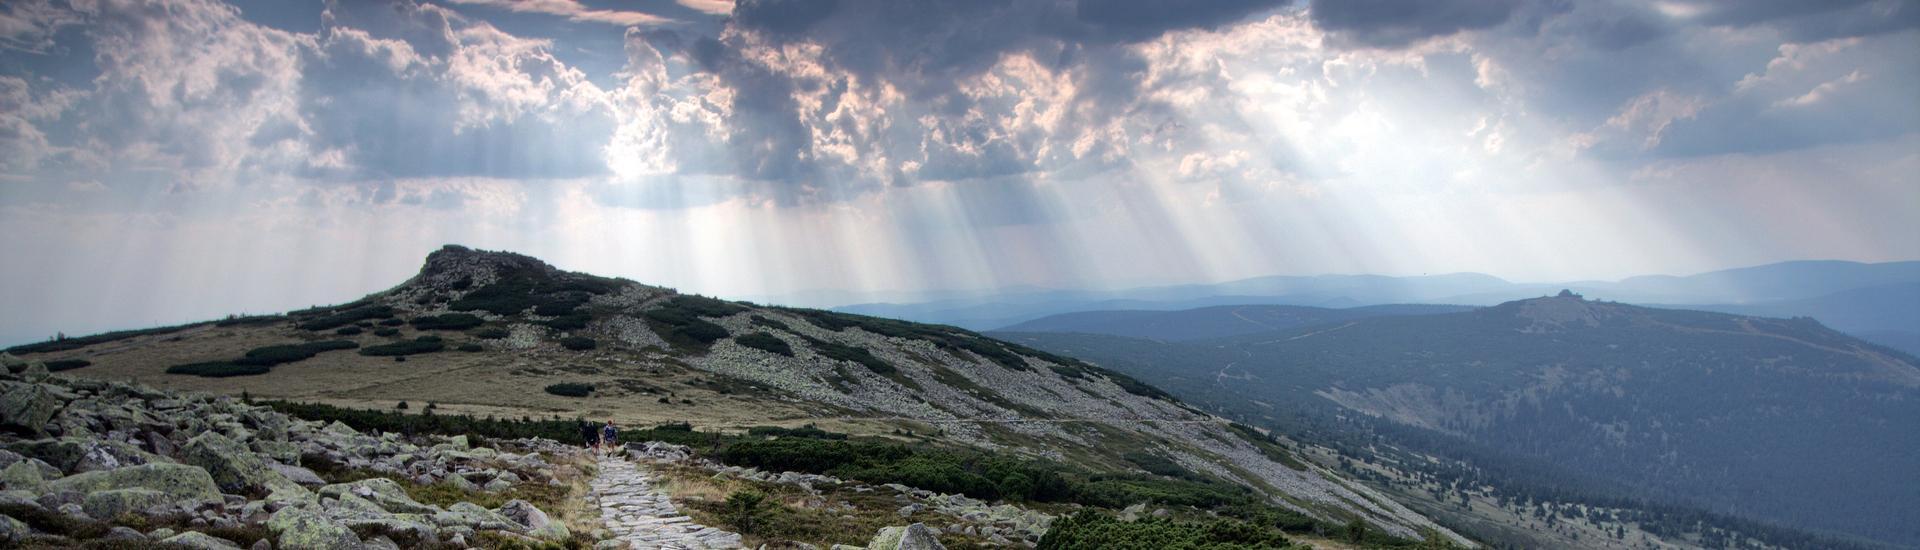 Śladami sudeckich tajemnic - w górach Polski